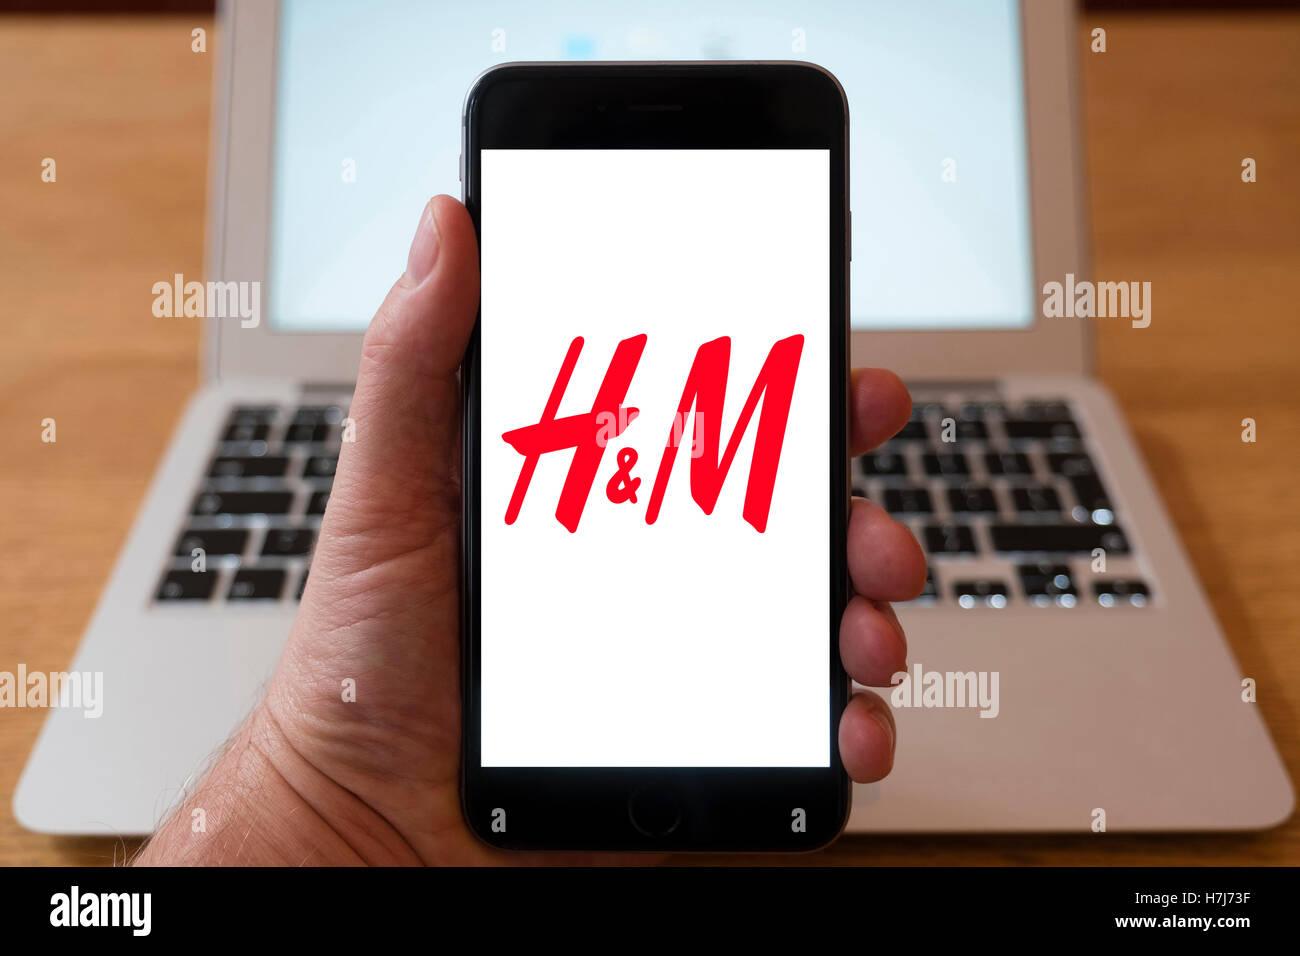 À l'aide d'iPhone smartphone pour afficher le logo d'H&M de haut détaillant de mode de Photo Stock